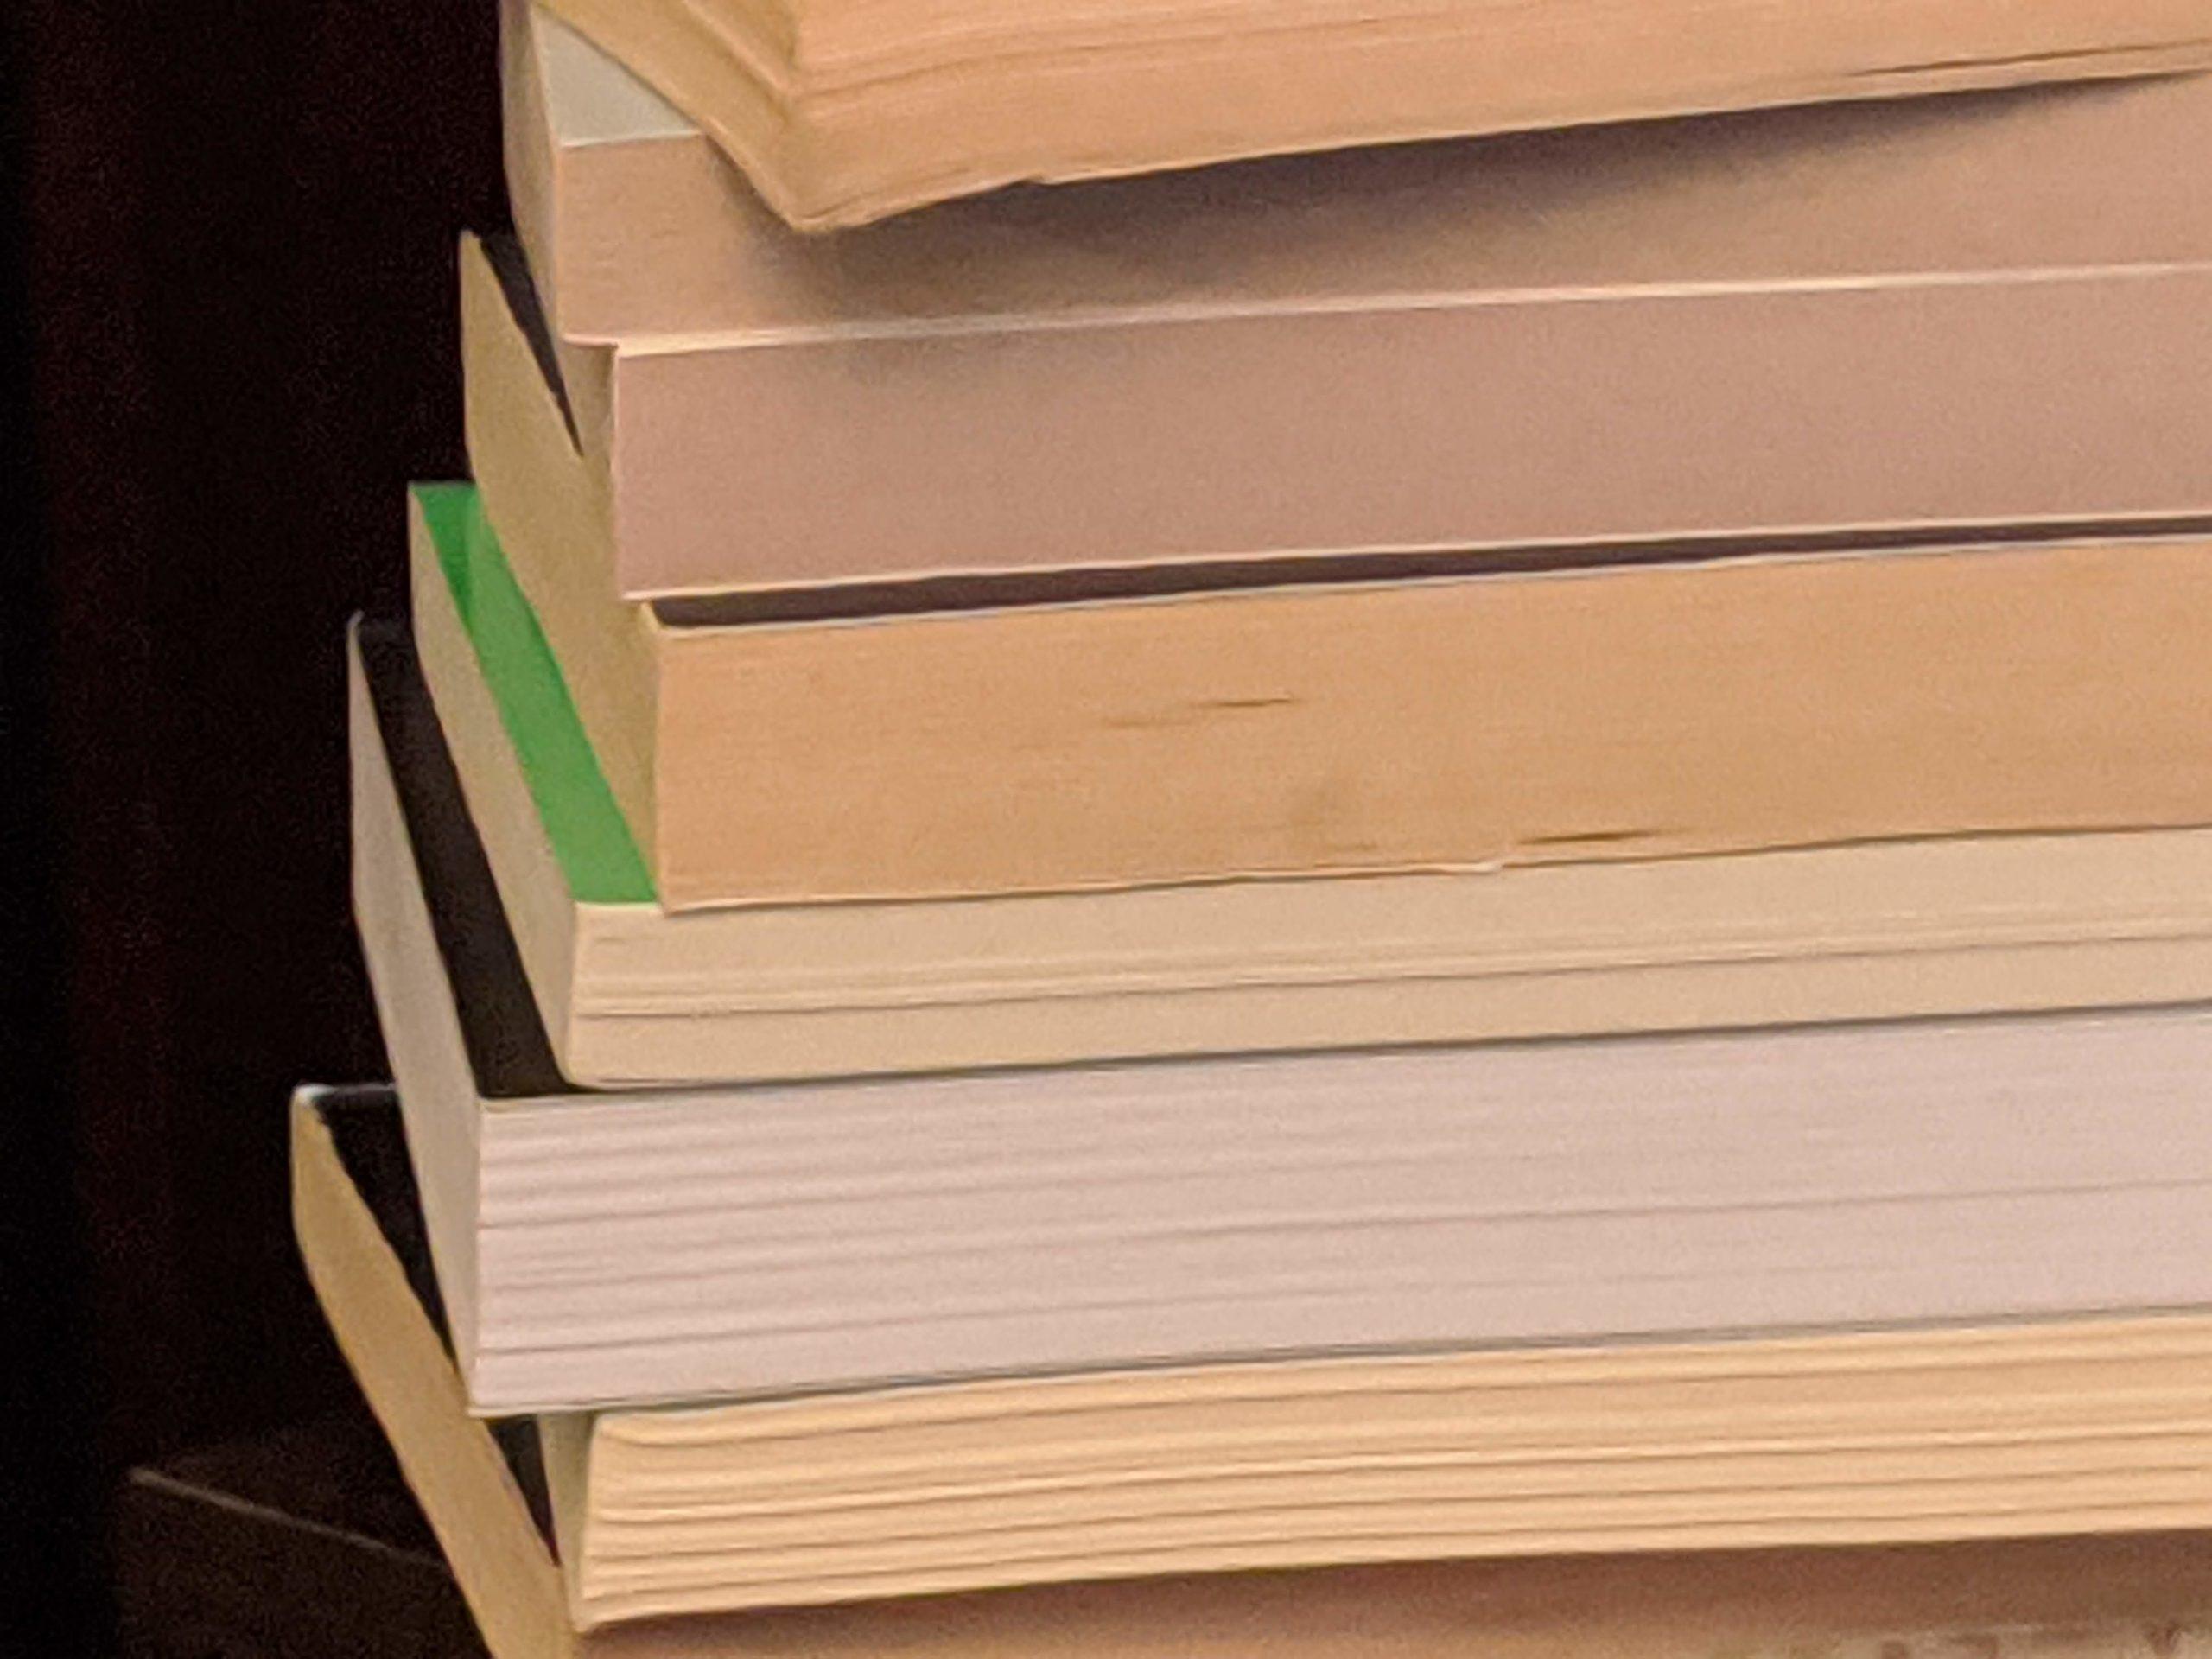 Amplified: Race in kids' books